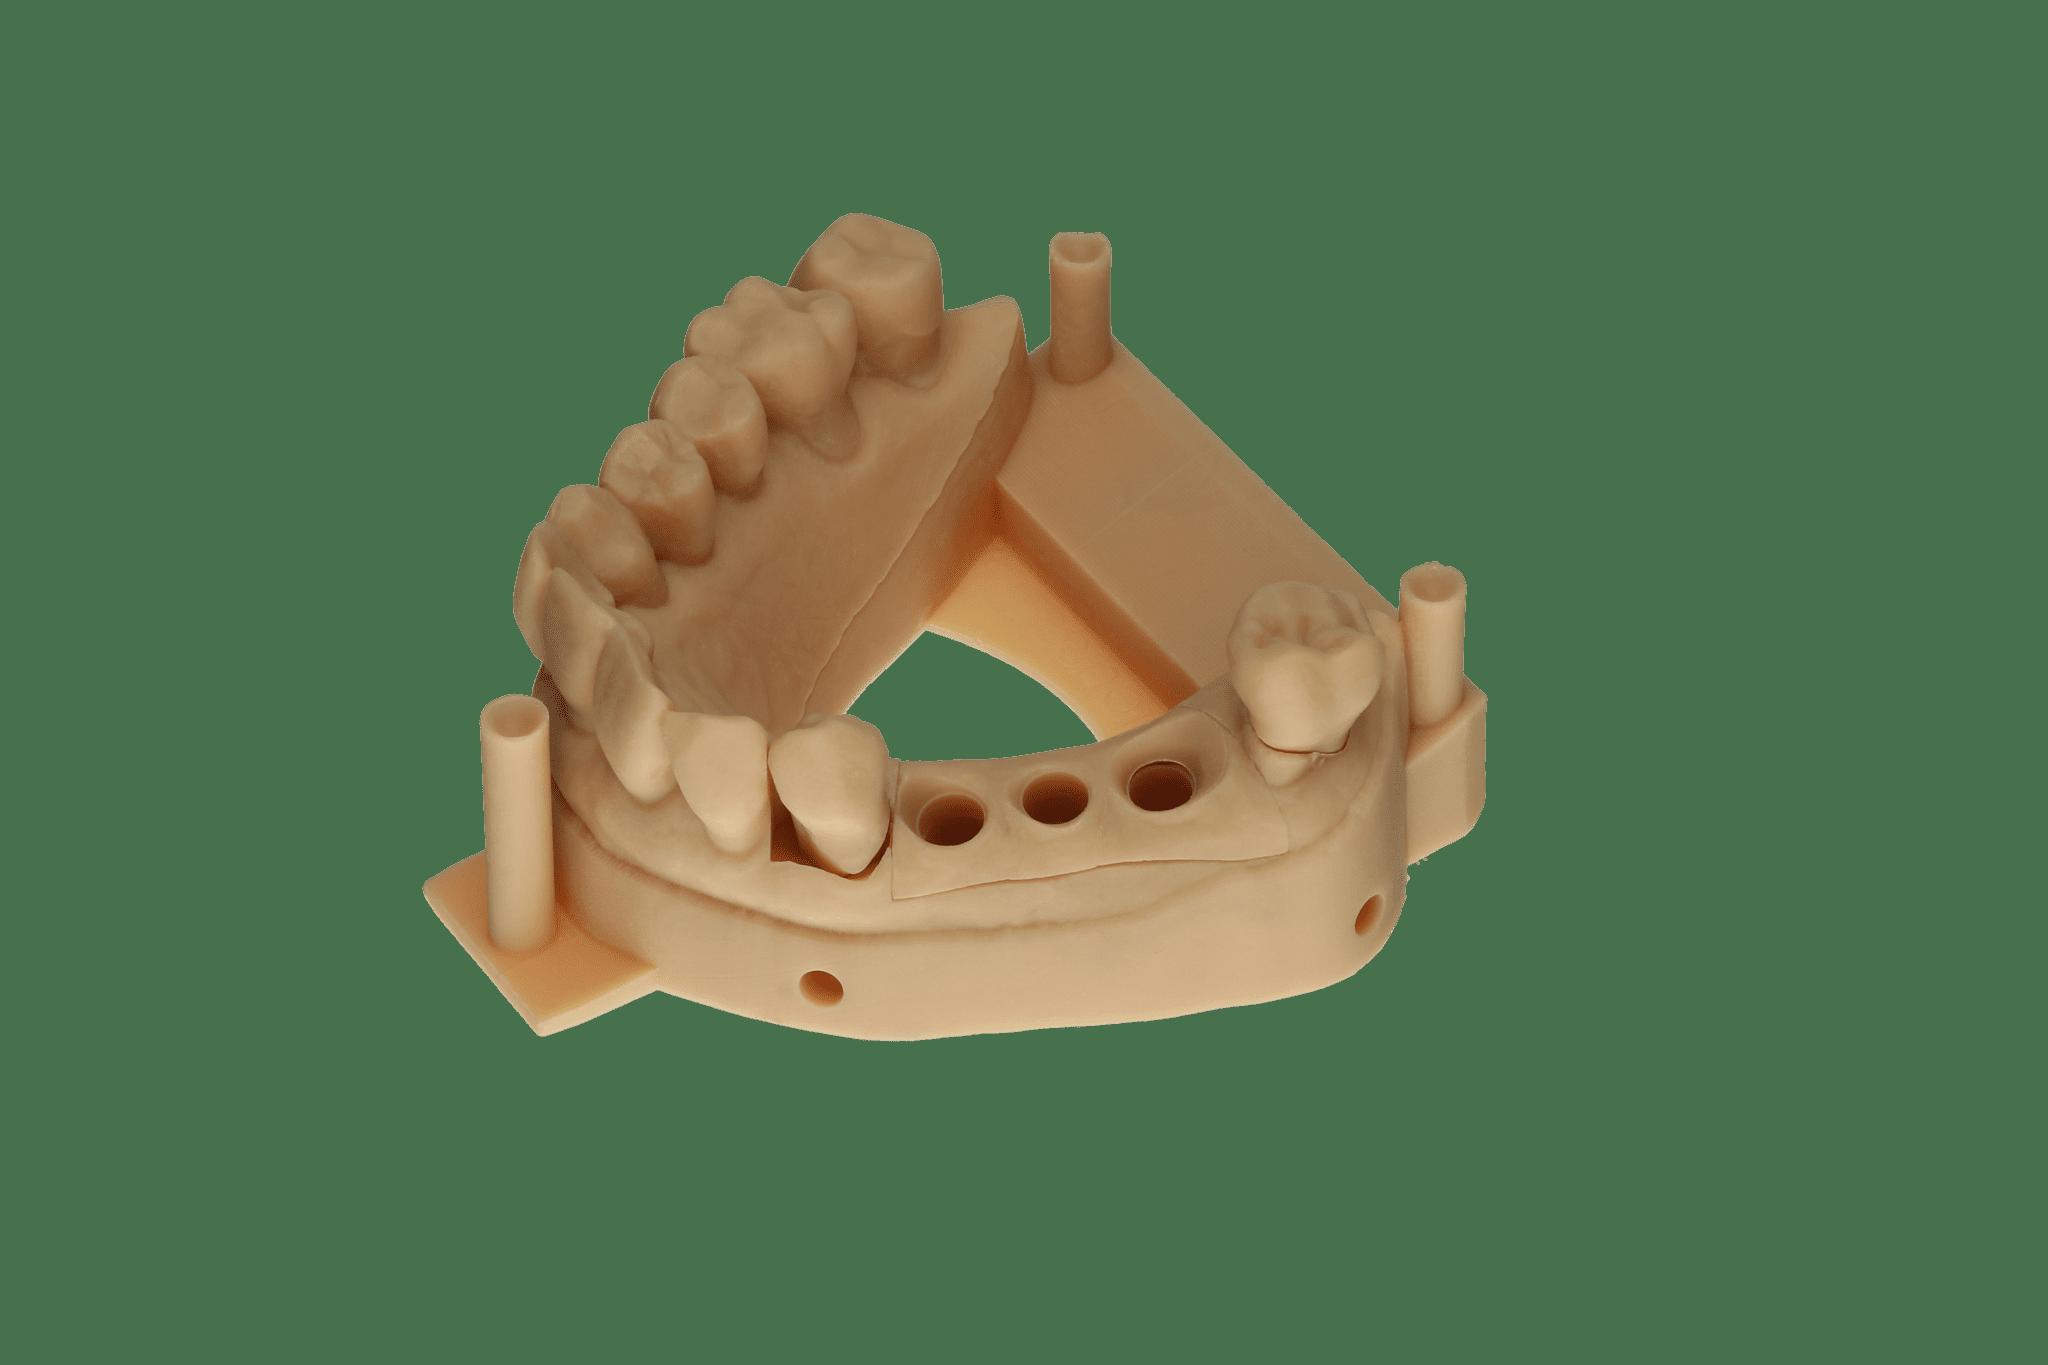 Abb. 11: Modellsituation mit entnehmbaren Stümpfen und Zahnfleischmaske